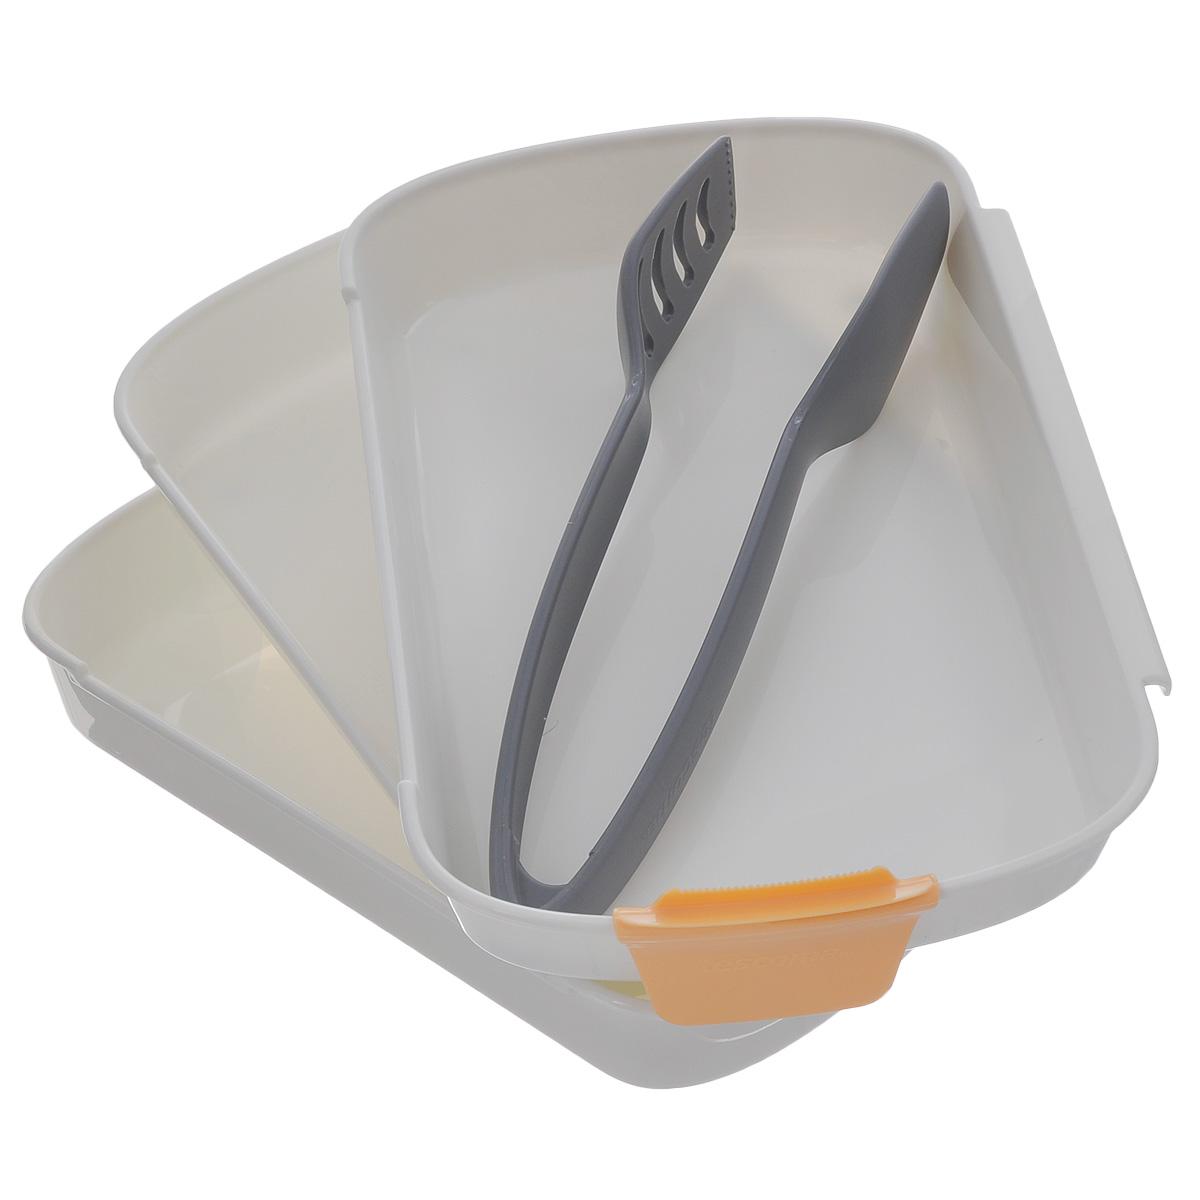 Набор для тройного кляра Tescoma PrestoCM000001328Набор Tescoma Presto предназначен для панирования мяса, рыбы, сыра, грибов и овощей в сухарях или тесте.Три блюда с противоскользящей поверхностью, которые соединены вместе, отлично подходят для погружения продуктов в муку, а затем покрытия их взбитым яйцом и панировочными сухарями.Щипцы из термостойкого нейлона.Поставляется с лезвием для легкого разбивания яиц.Подходит для холодильника, морозильной камеры, микроволновой печи и посудомоечной машины.В комплекте рецепты. Размер блюд: 25,5 см х 17 см х 3,5 см.Длина щипцов: 23,5 см.